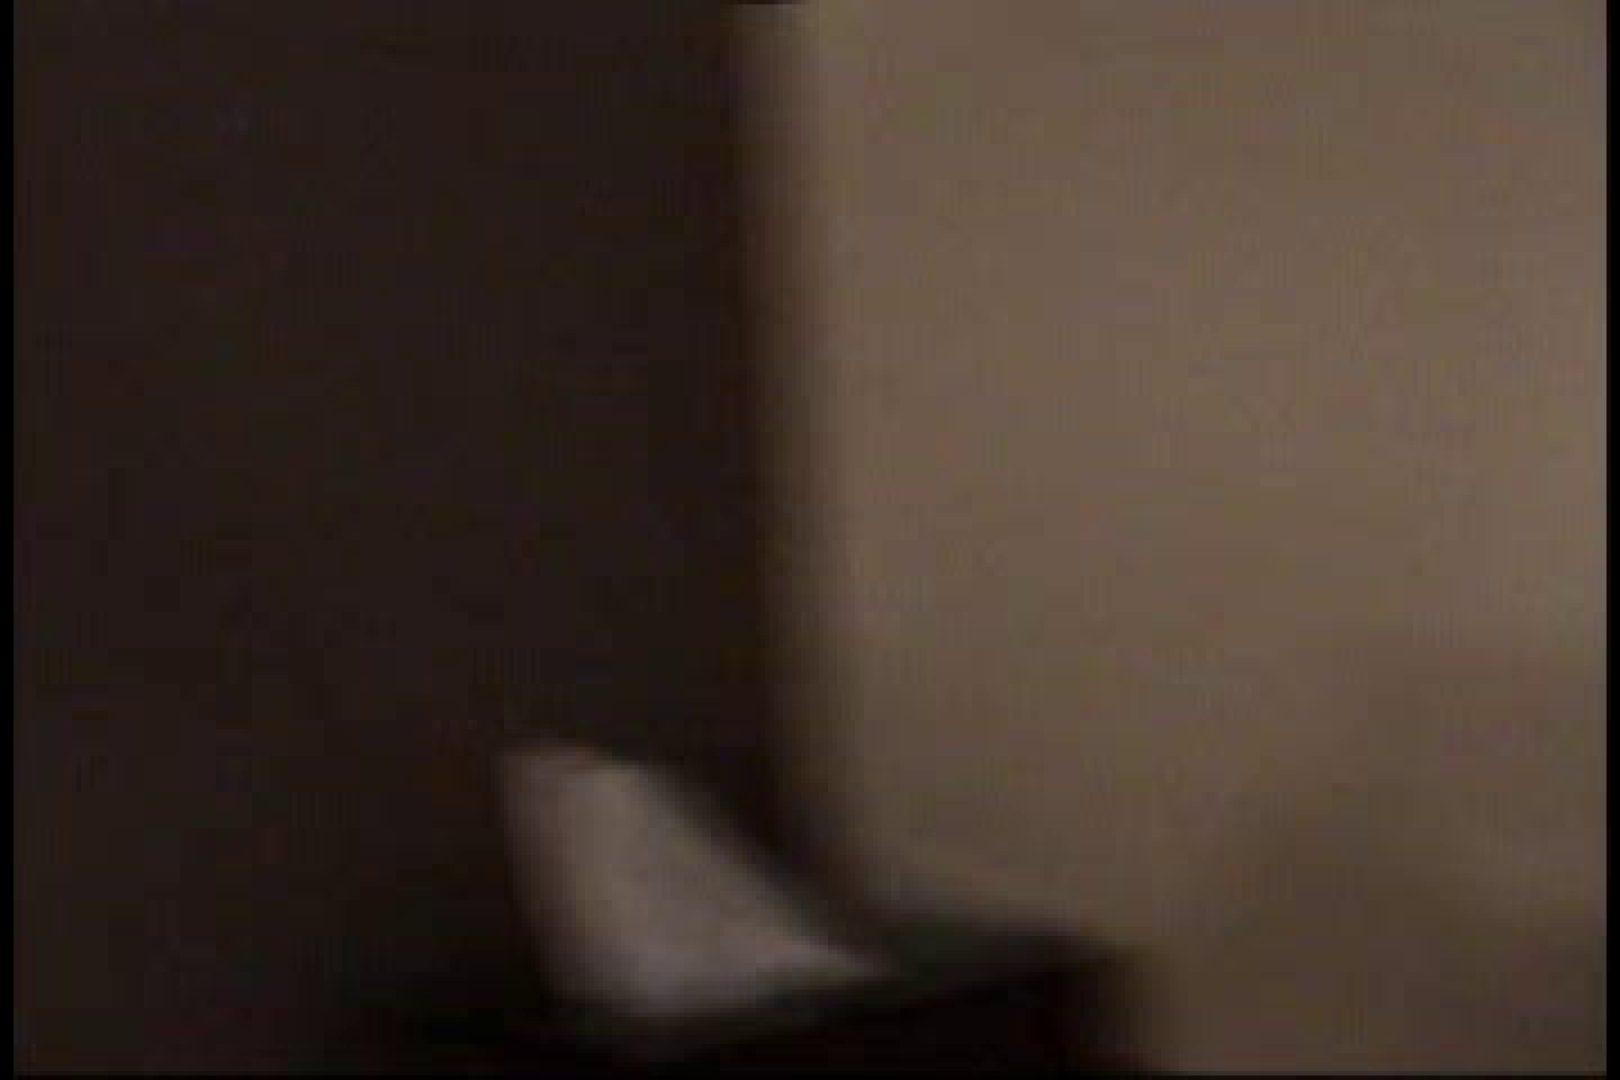 三ツ星シリーズ!!陰間茶屋独占!!第二弾!!イケメン羞恥心File.02 イケメン ケツマンスケベ画像 89枚 36